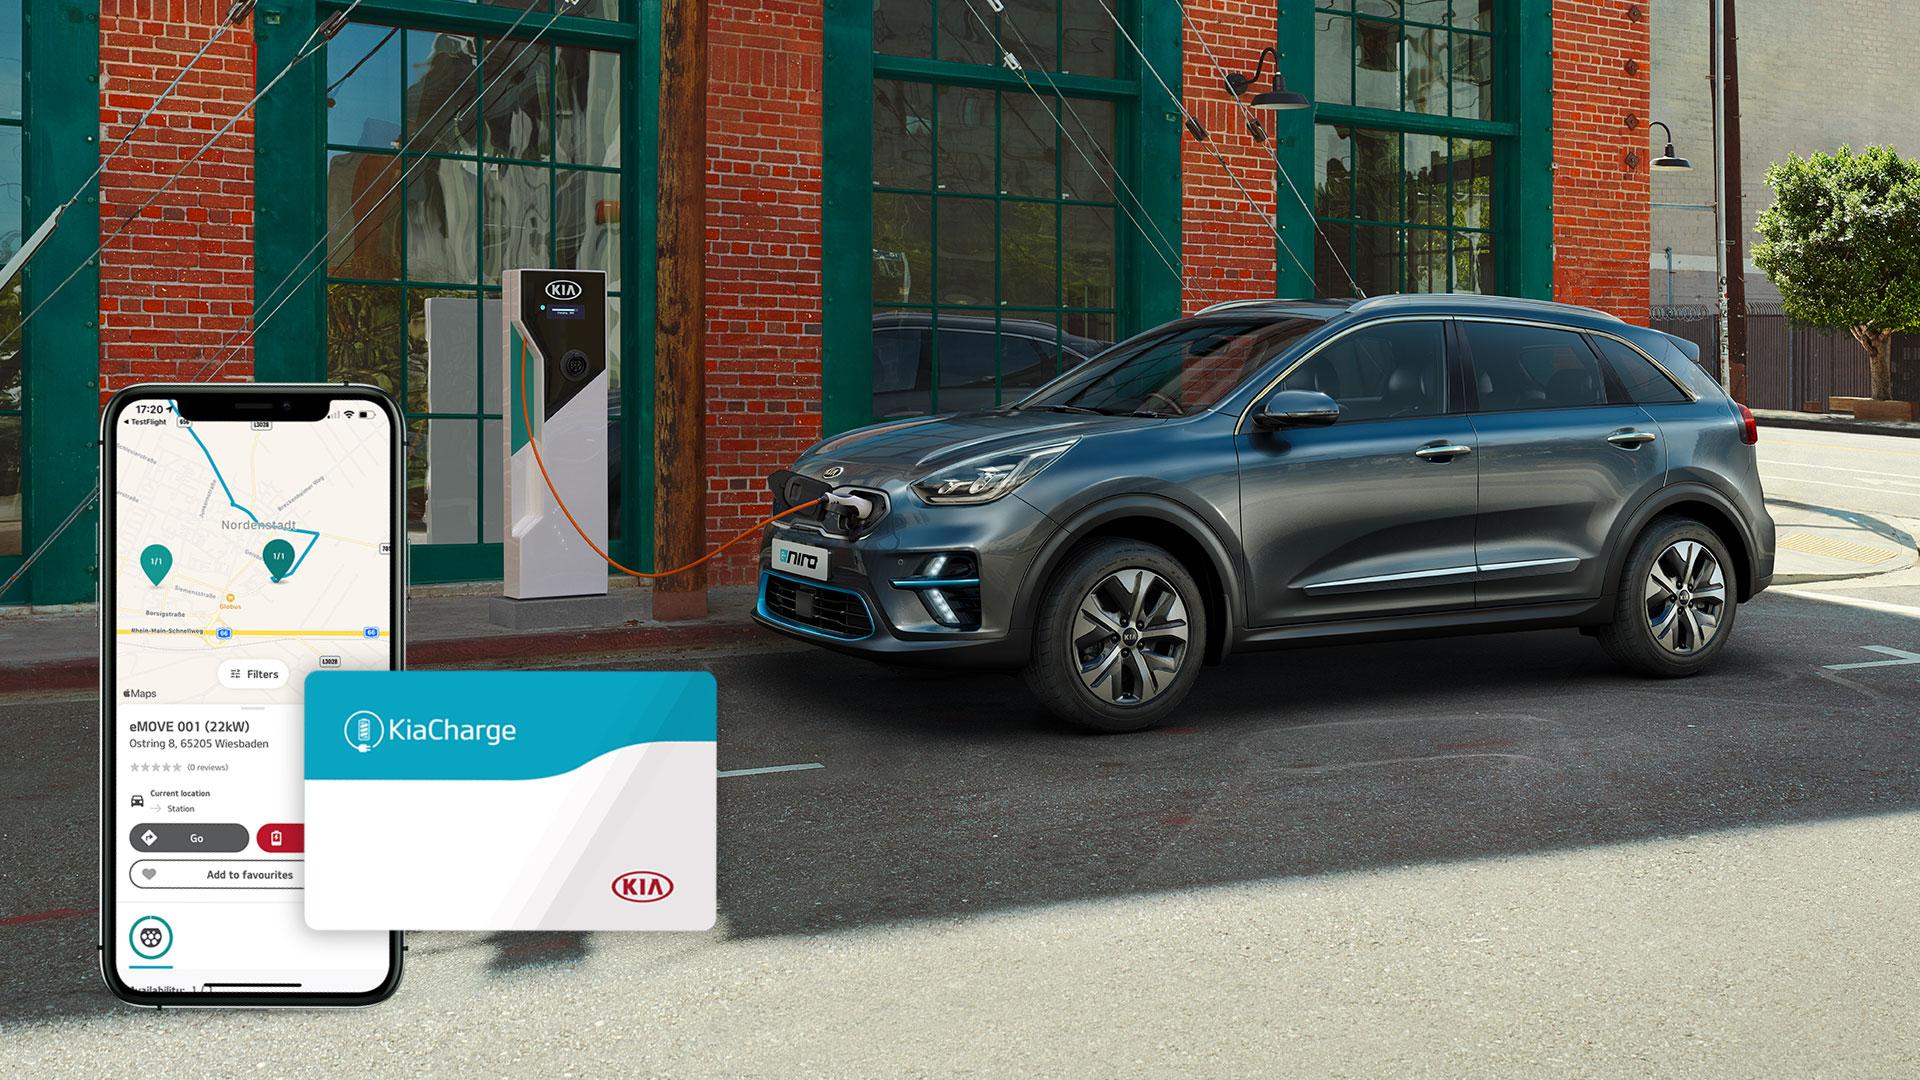 La Kia lancia KiaCharge, App per ricaricare l'auto in tutta Europa